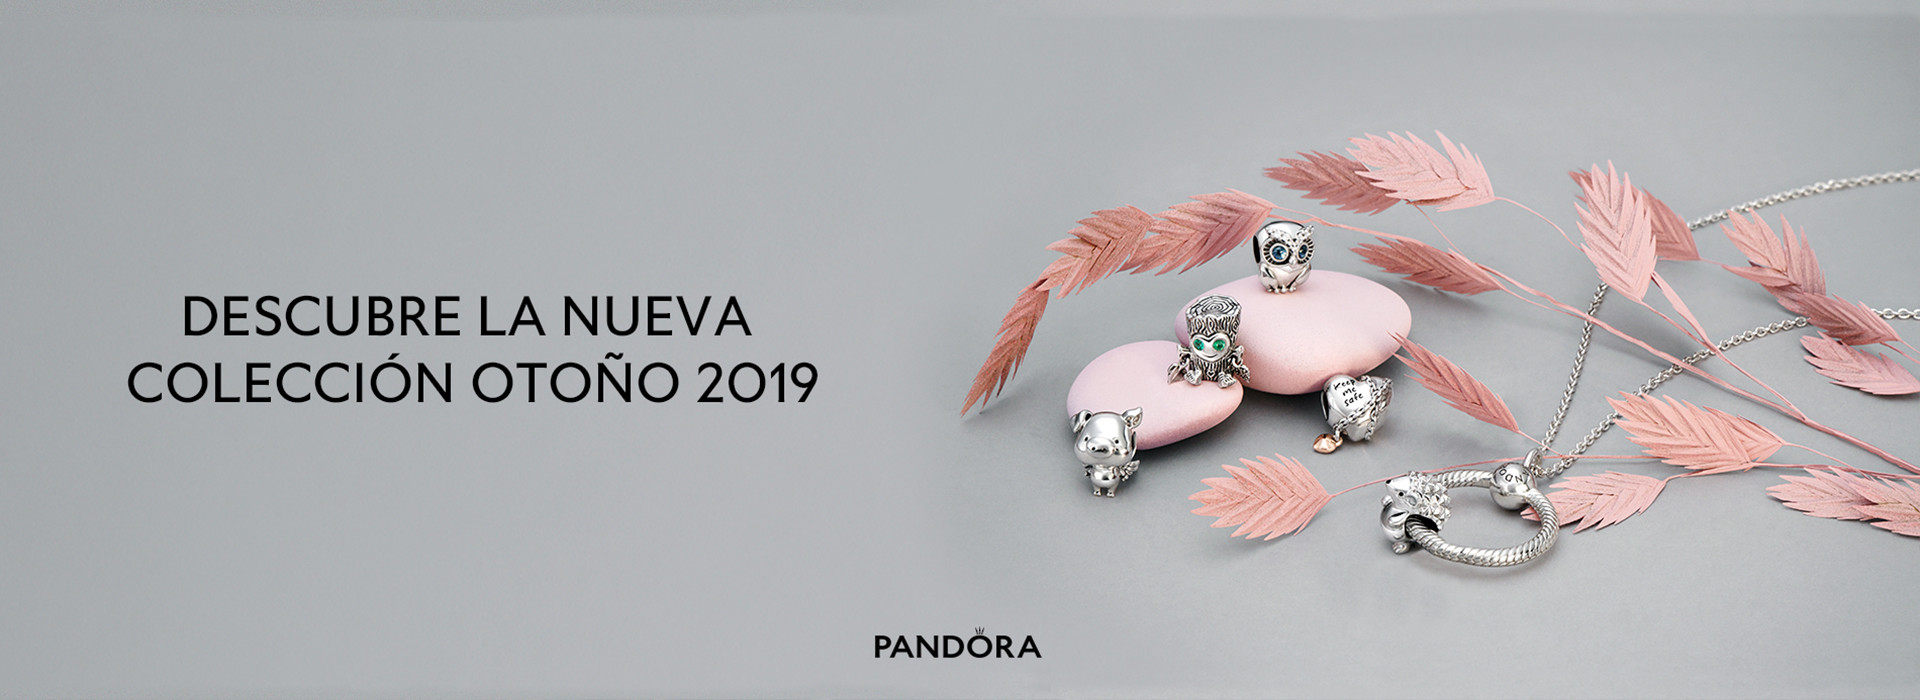 Joyería Pozo - Pandora